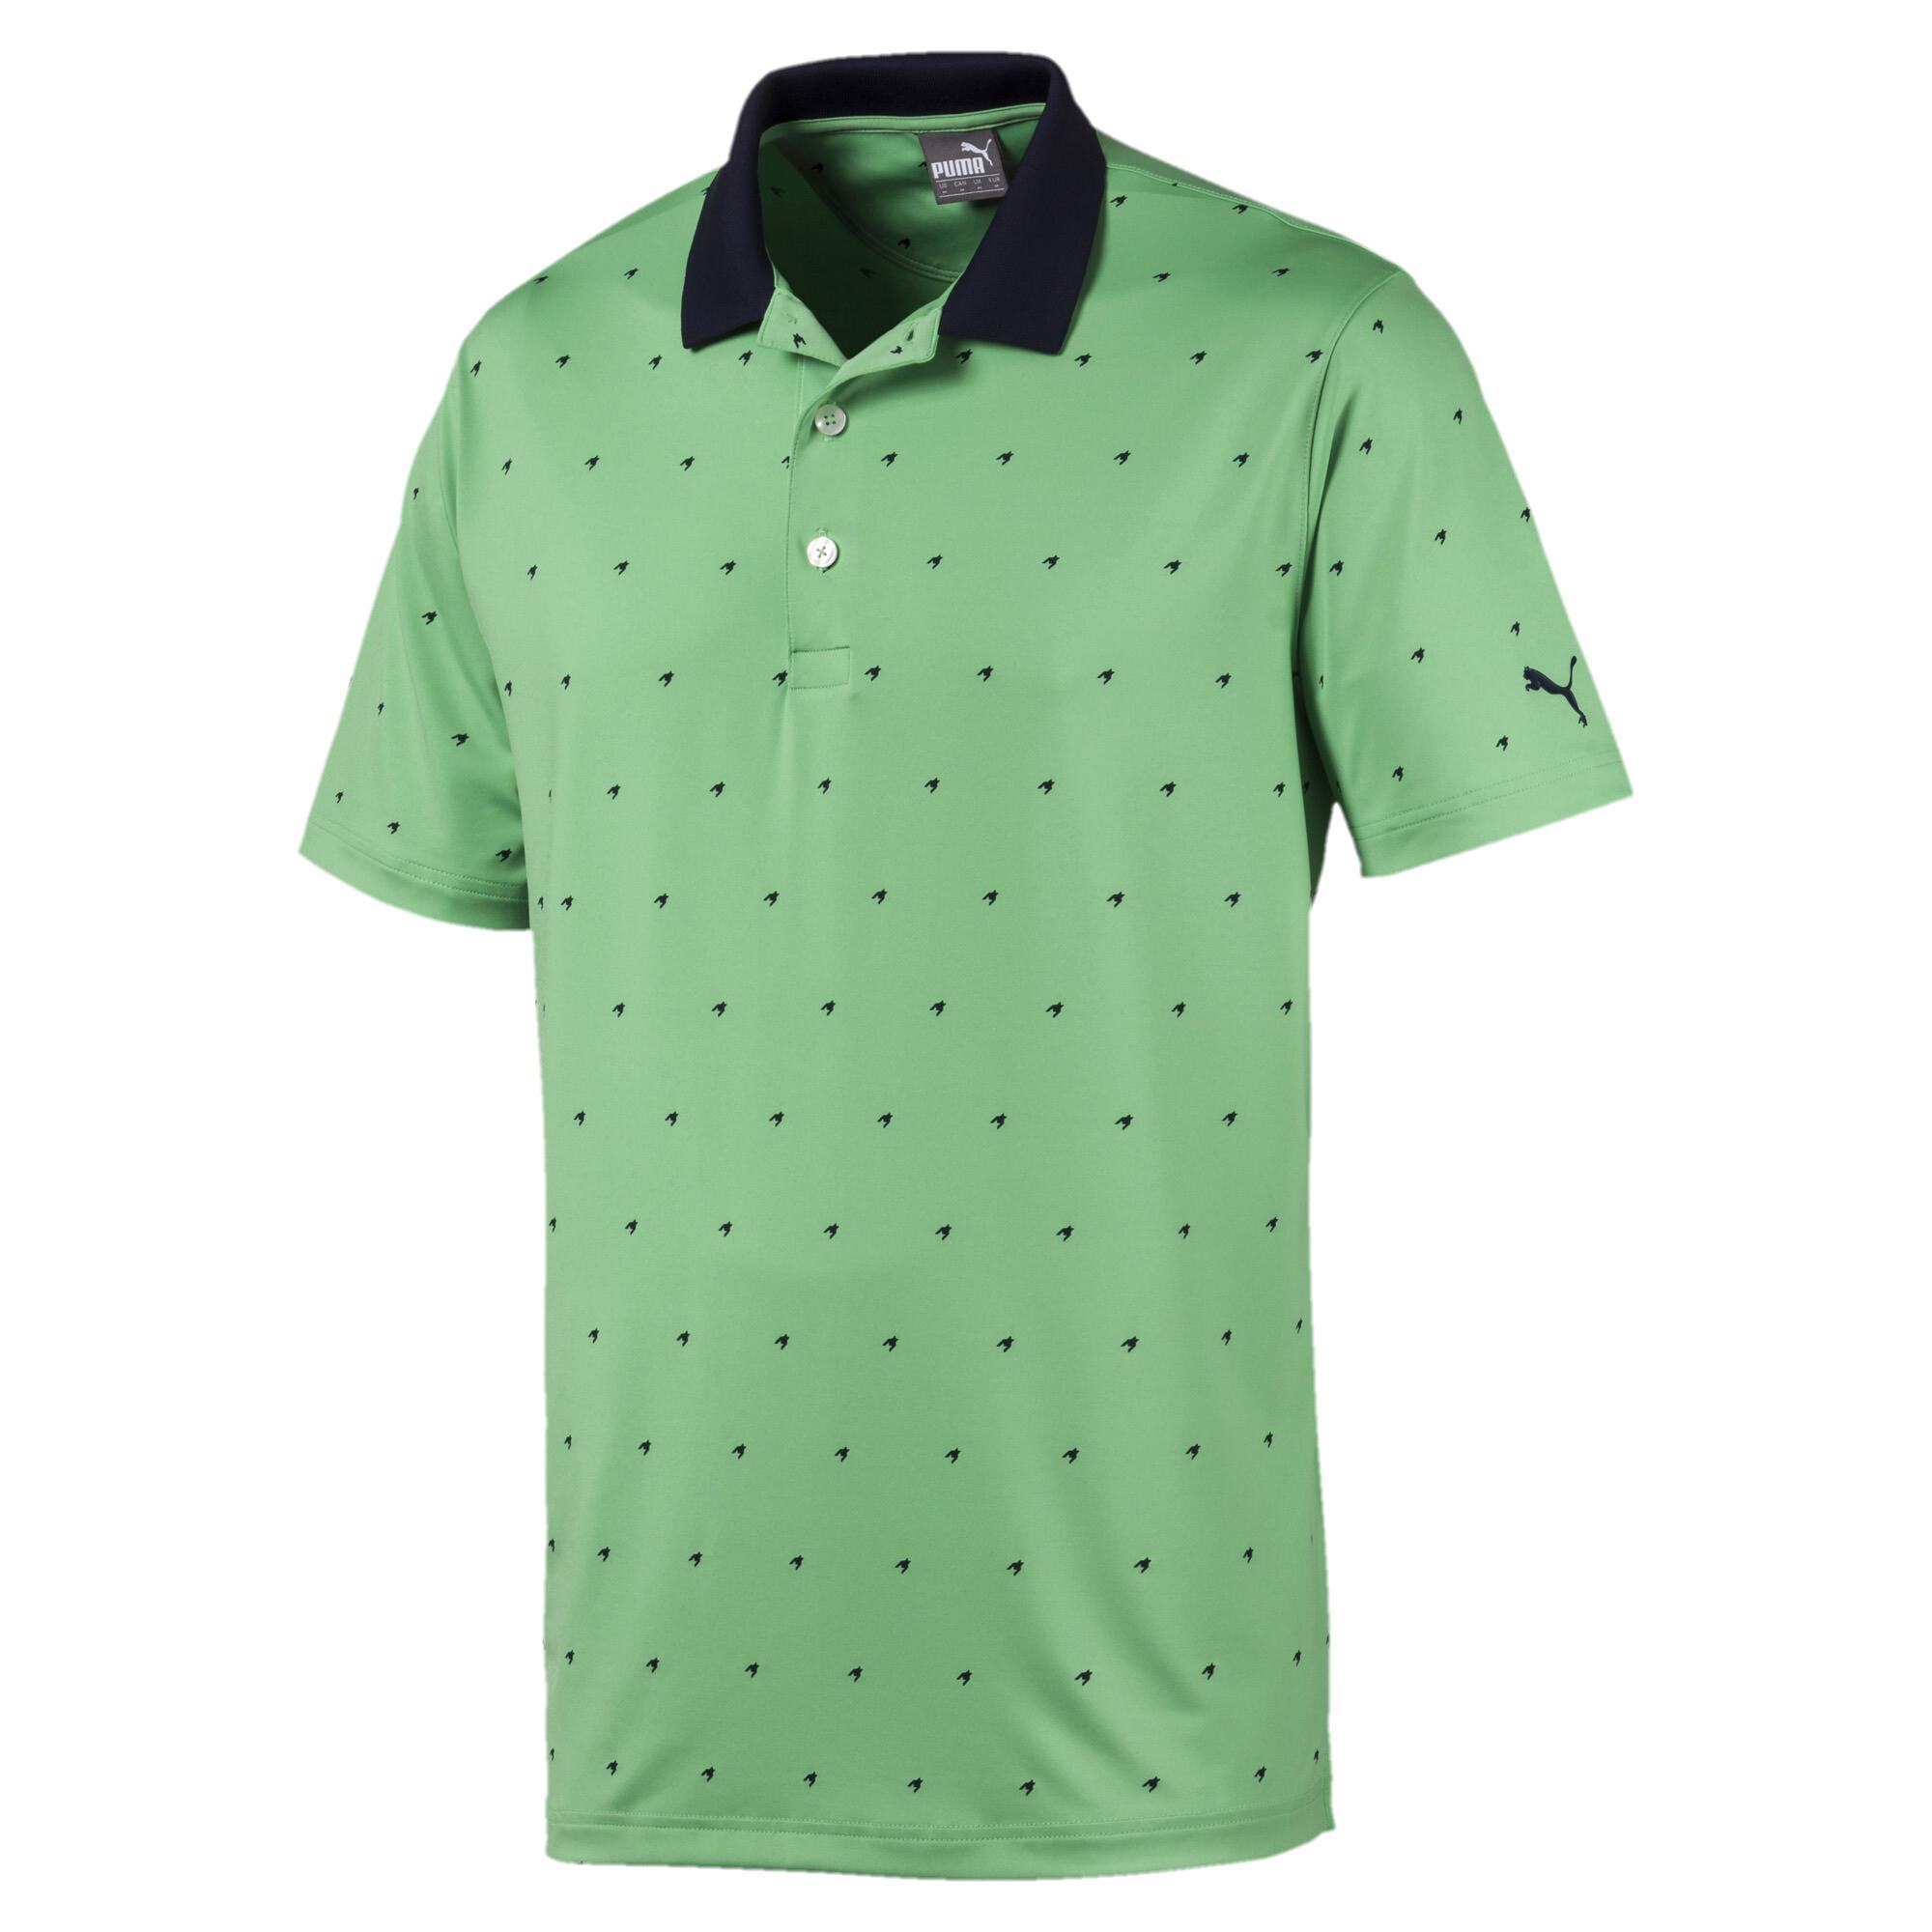 プーマ ゴルフ スケリーズ ポロシャツ 半袖 メンズ Irish Green |PUMA.com